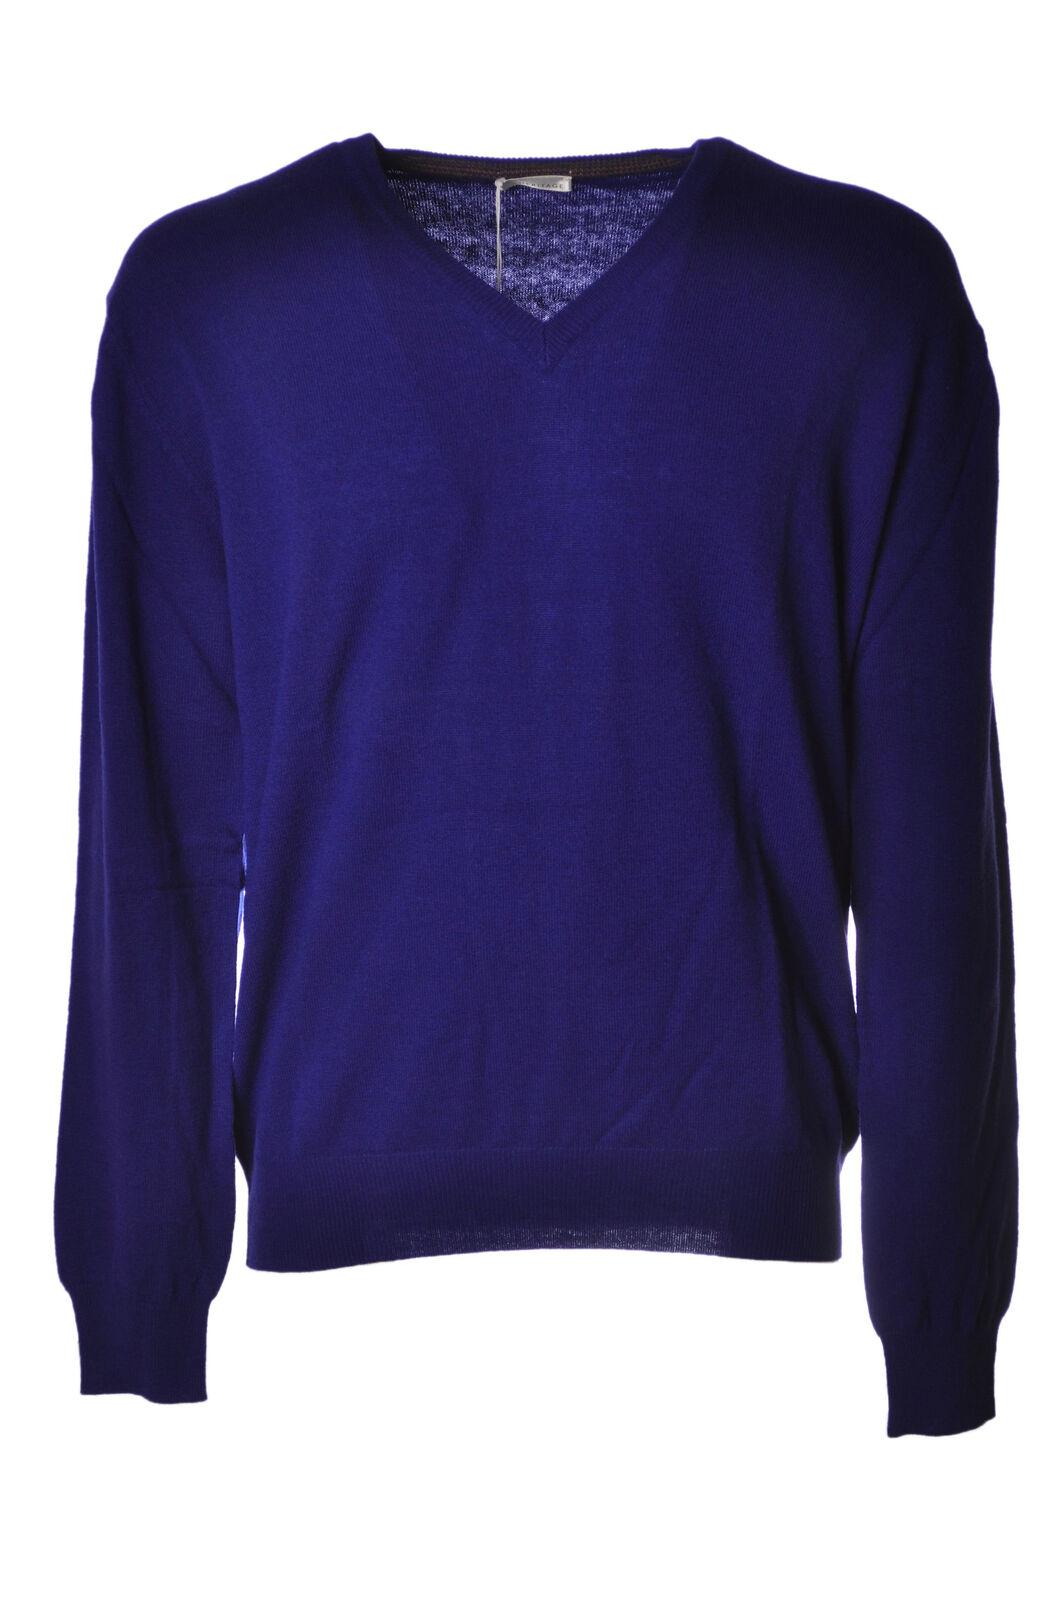 Heritage - Knitwear-Sweaters - Man - Blau - 4639428M184004